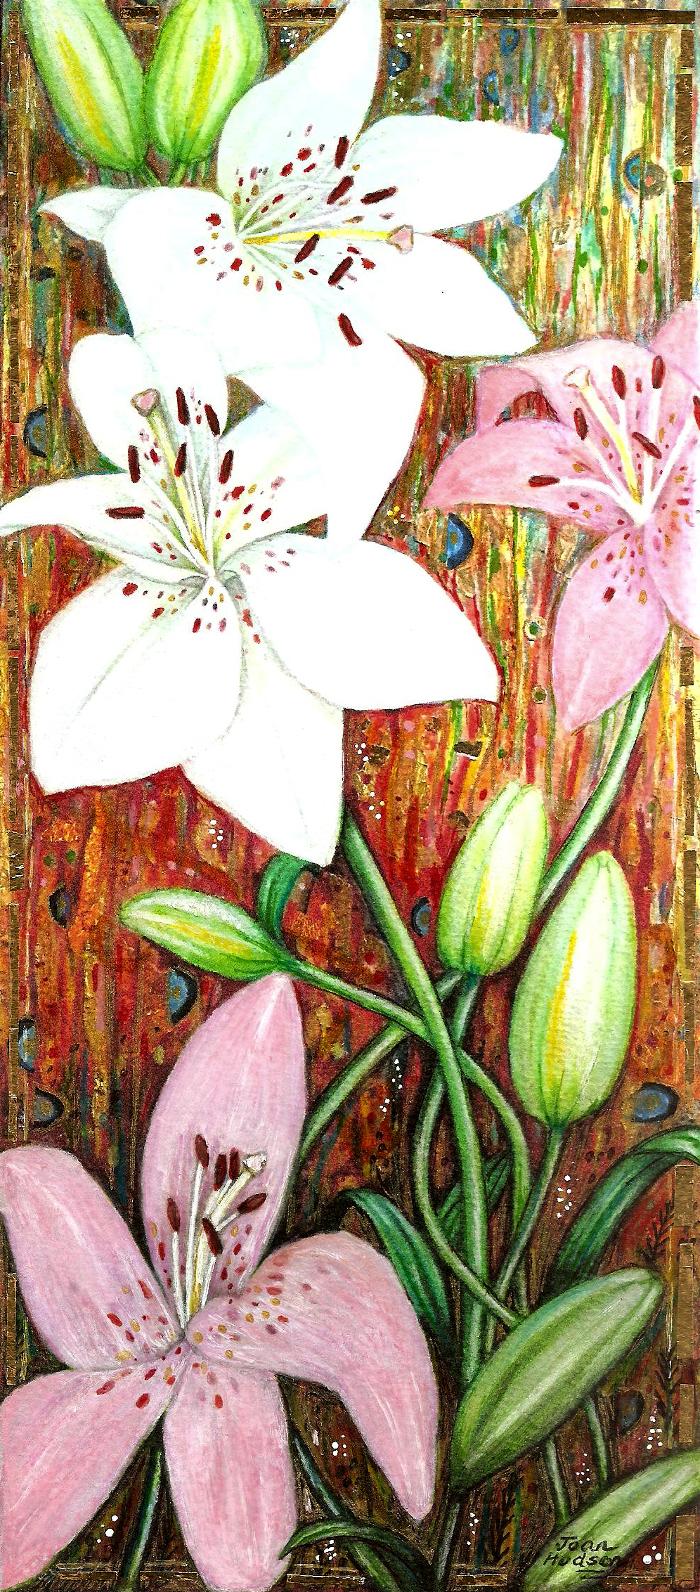 lilies decorative